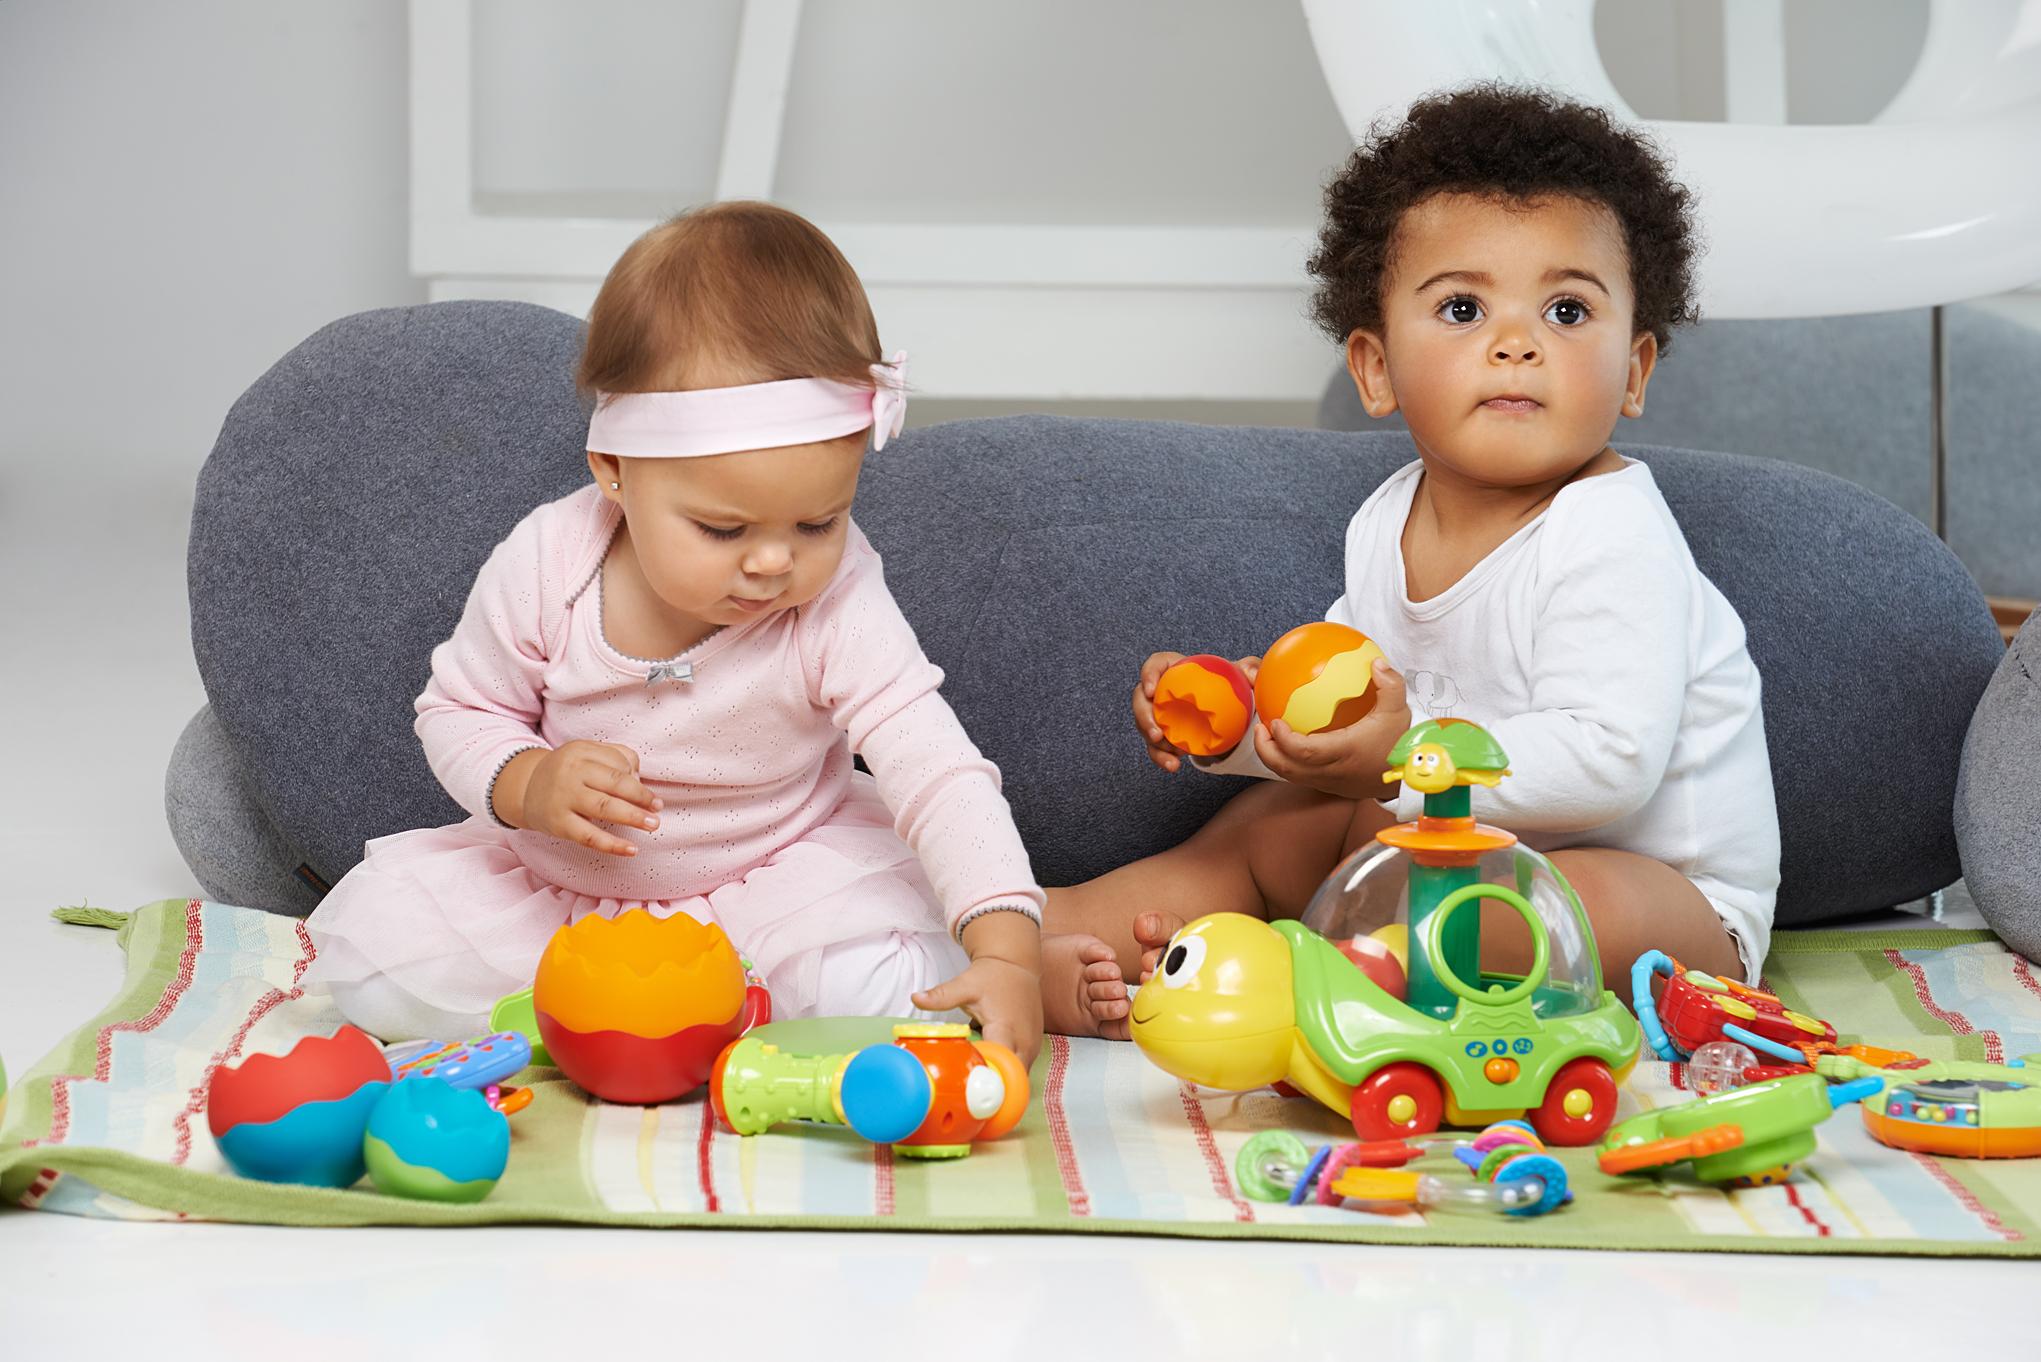 Сбор заказов. Товары для малышей Happy Baby, Бусинка, Пома, Maman, детская косметика AQA Baby, Sanosan, Gloffy. Постоплата 15%!